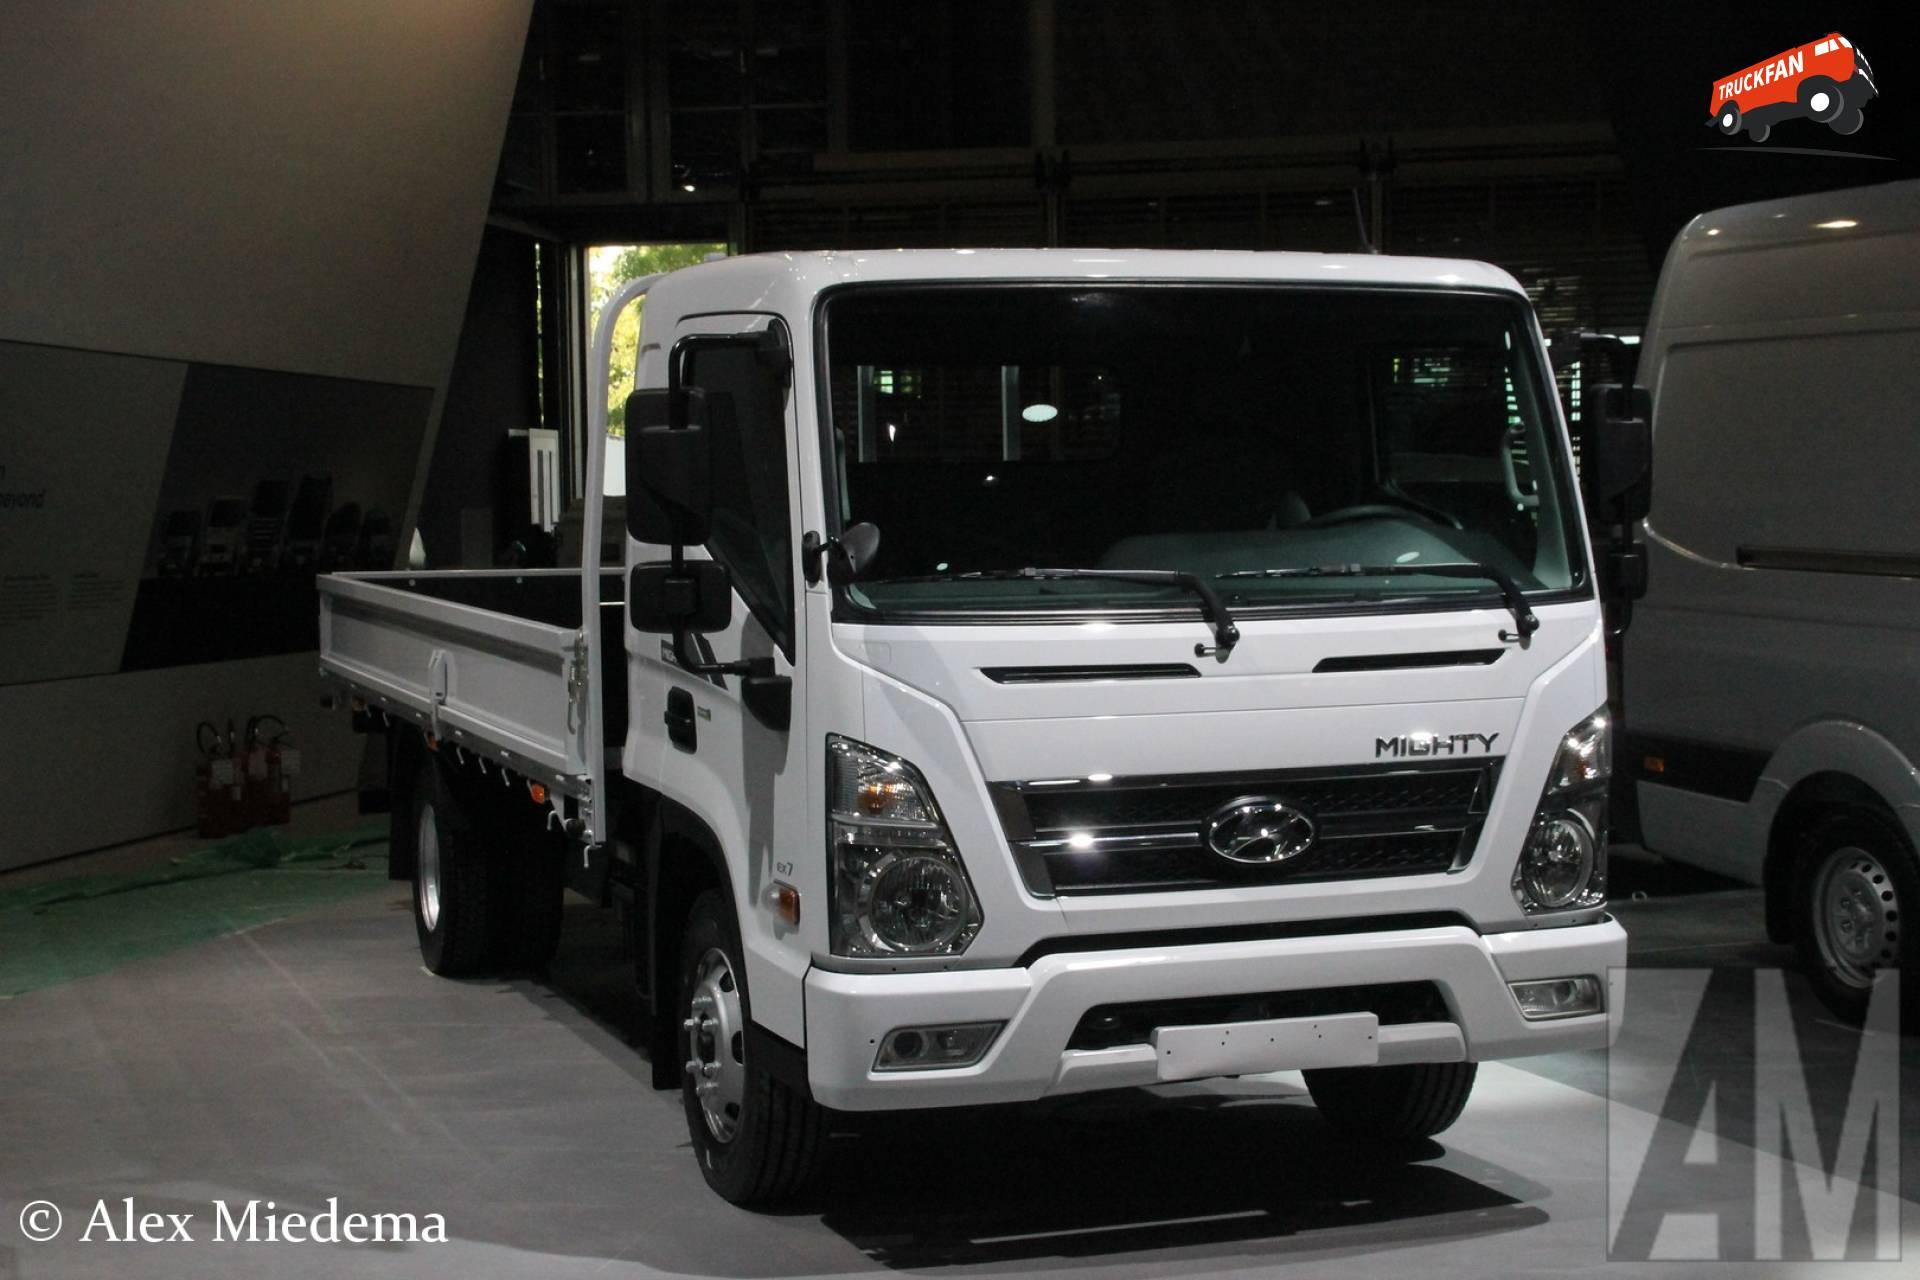 Hyundai Mighty